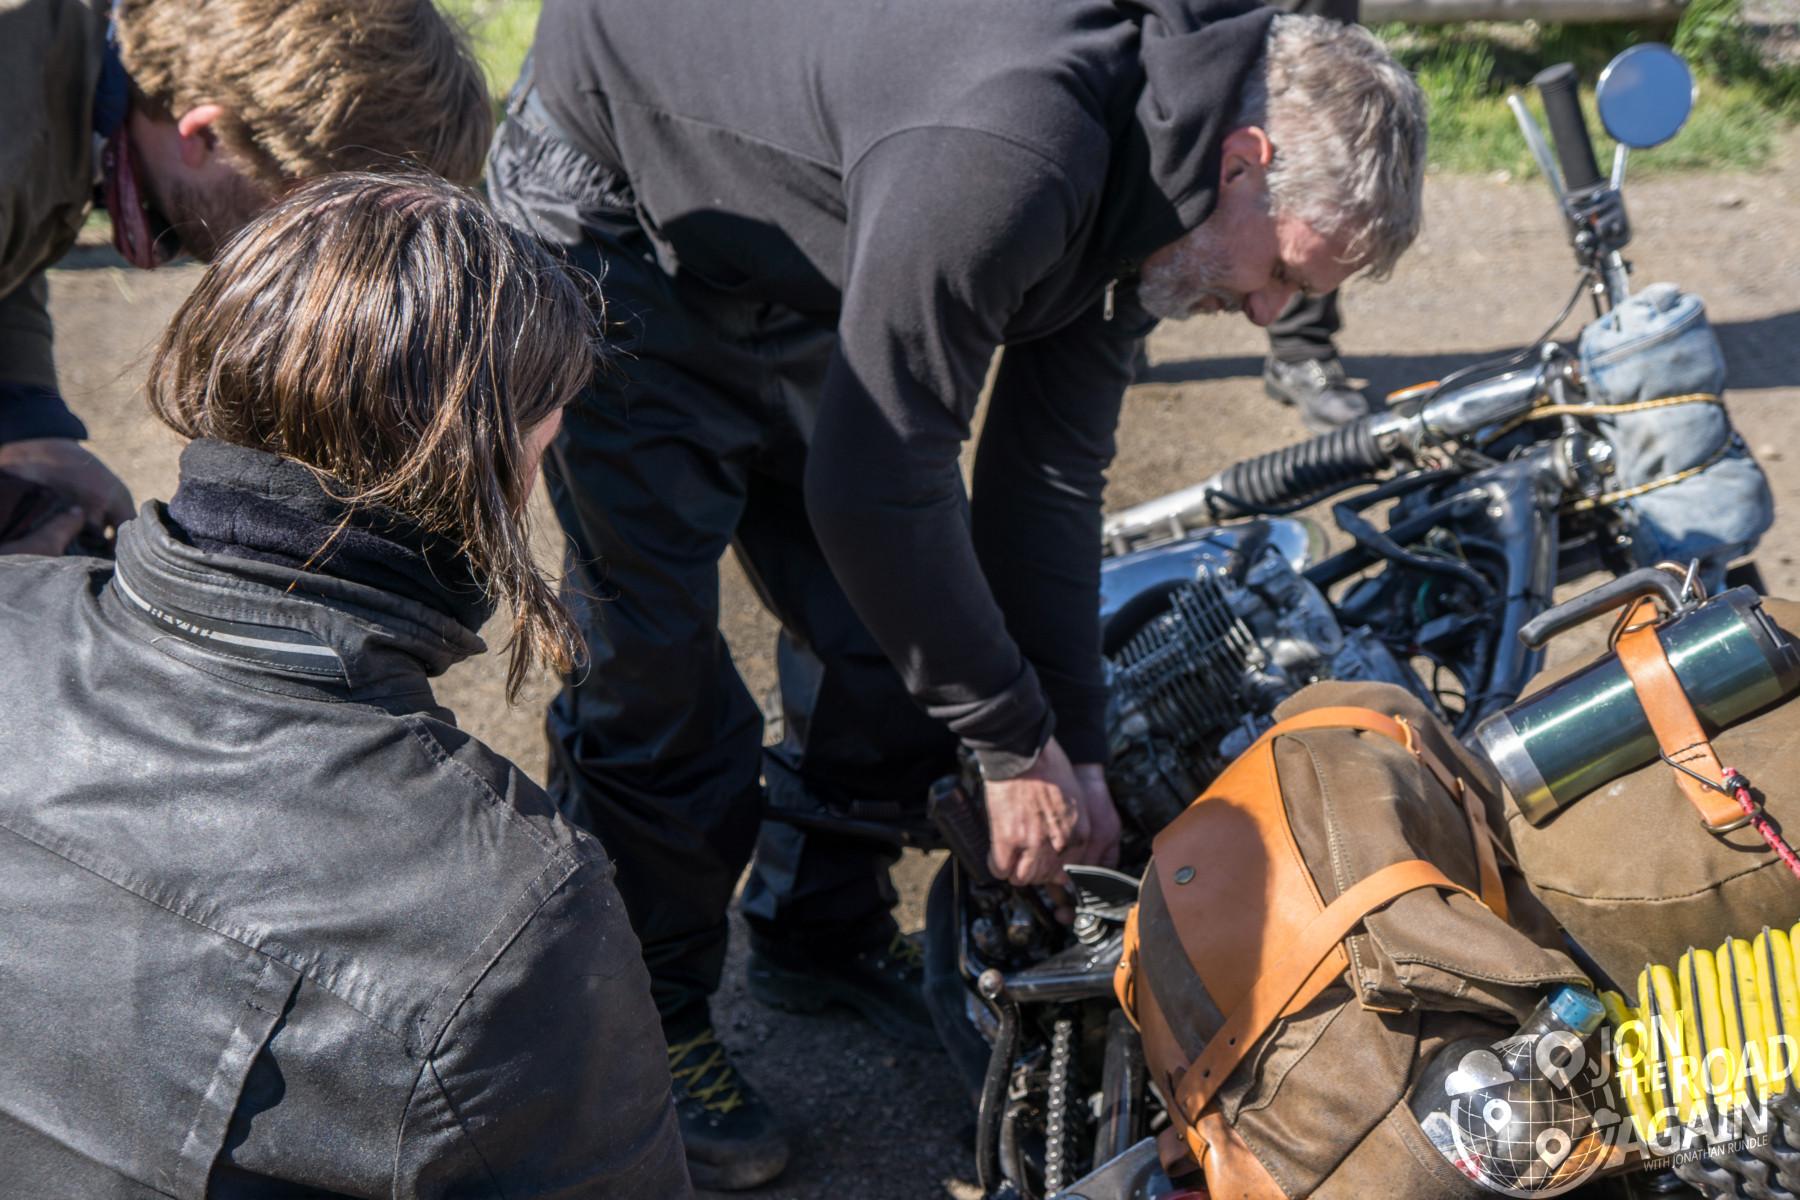 Roadside motorcycle fix